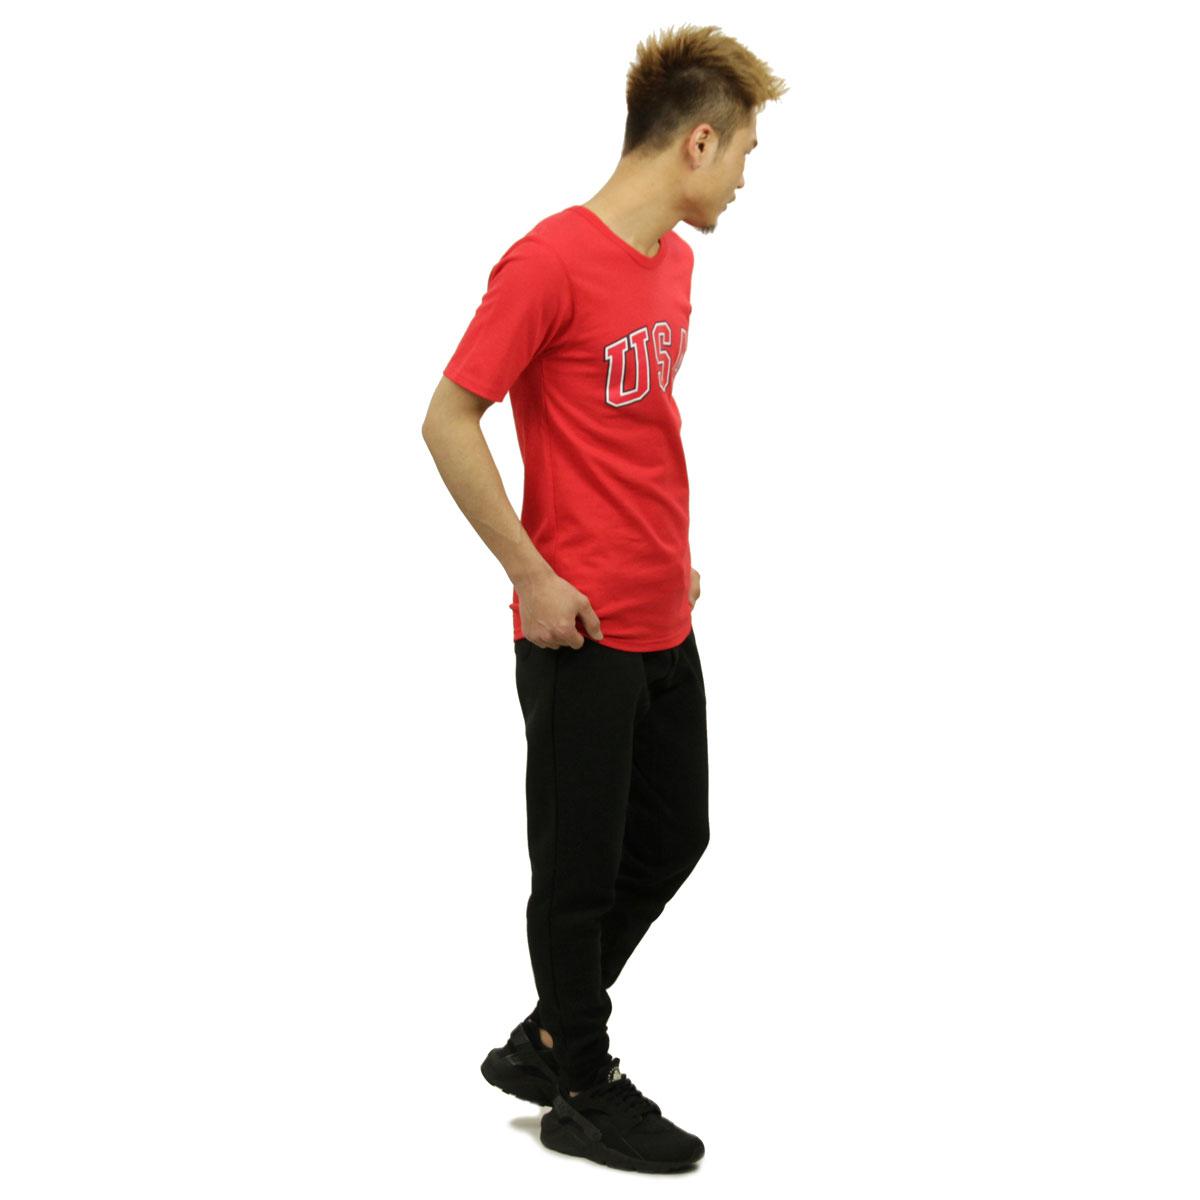 チャンピオン CHAMPION 正規品 メンズ 半袖Tシャツ CREW TEE T1919P Heritage Tee W3J-TEAMREDSCARLET 549393 USA Arch